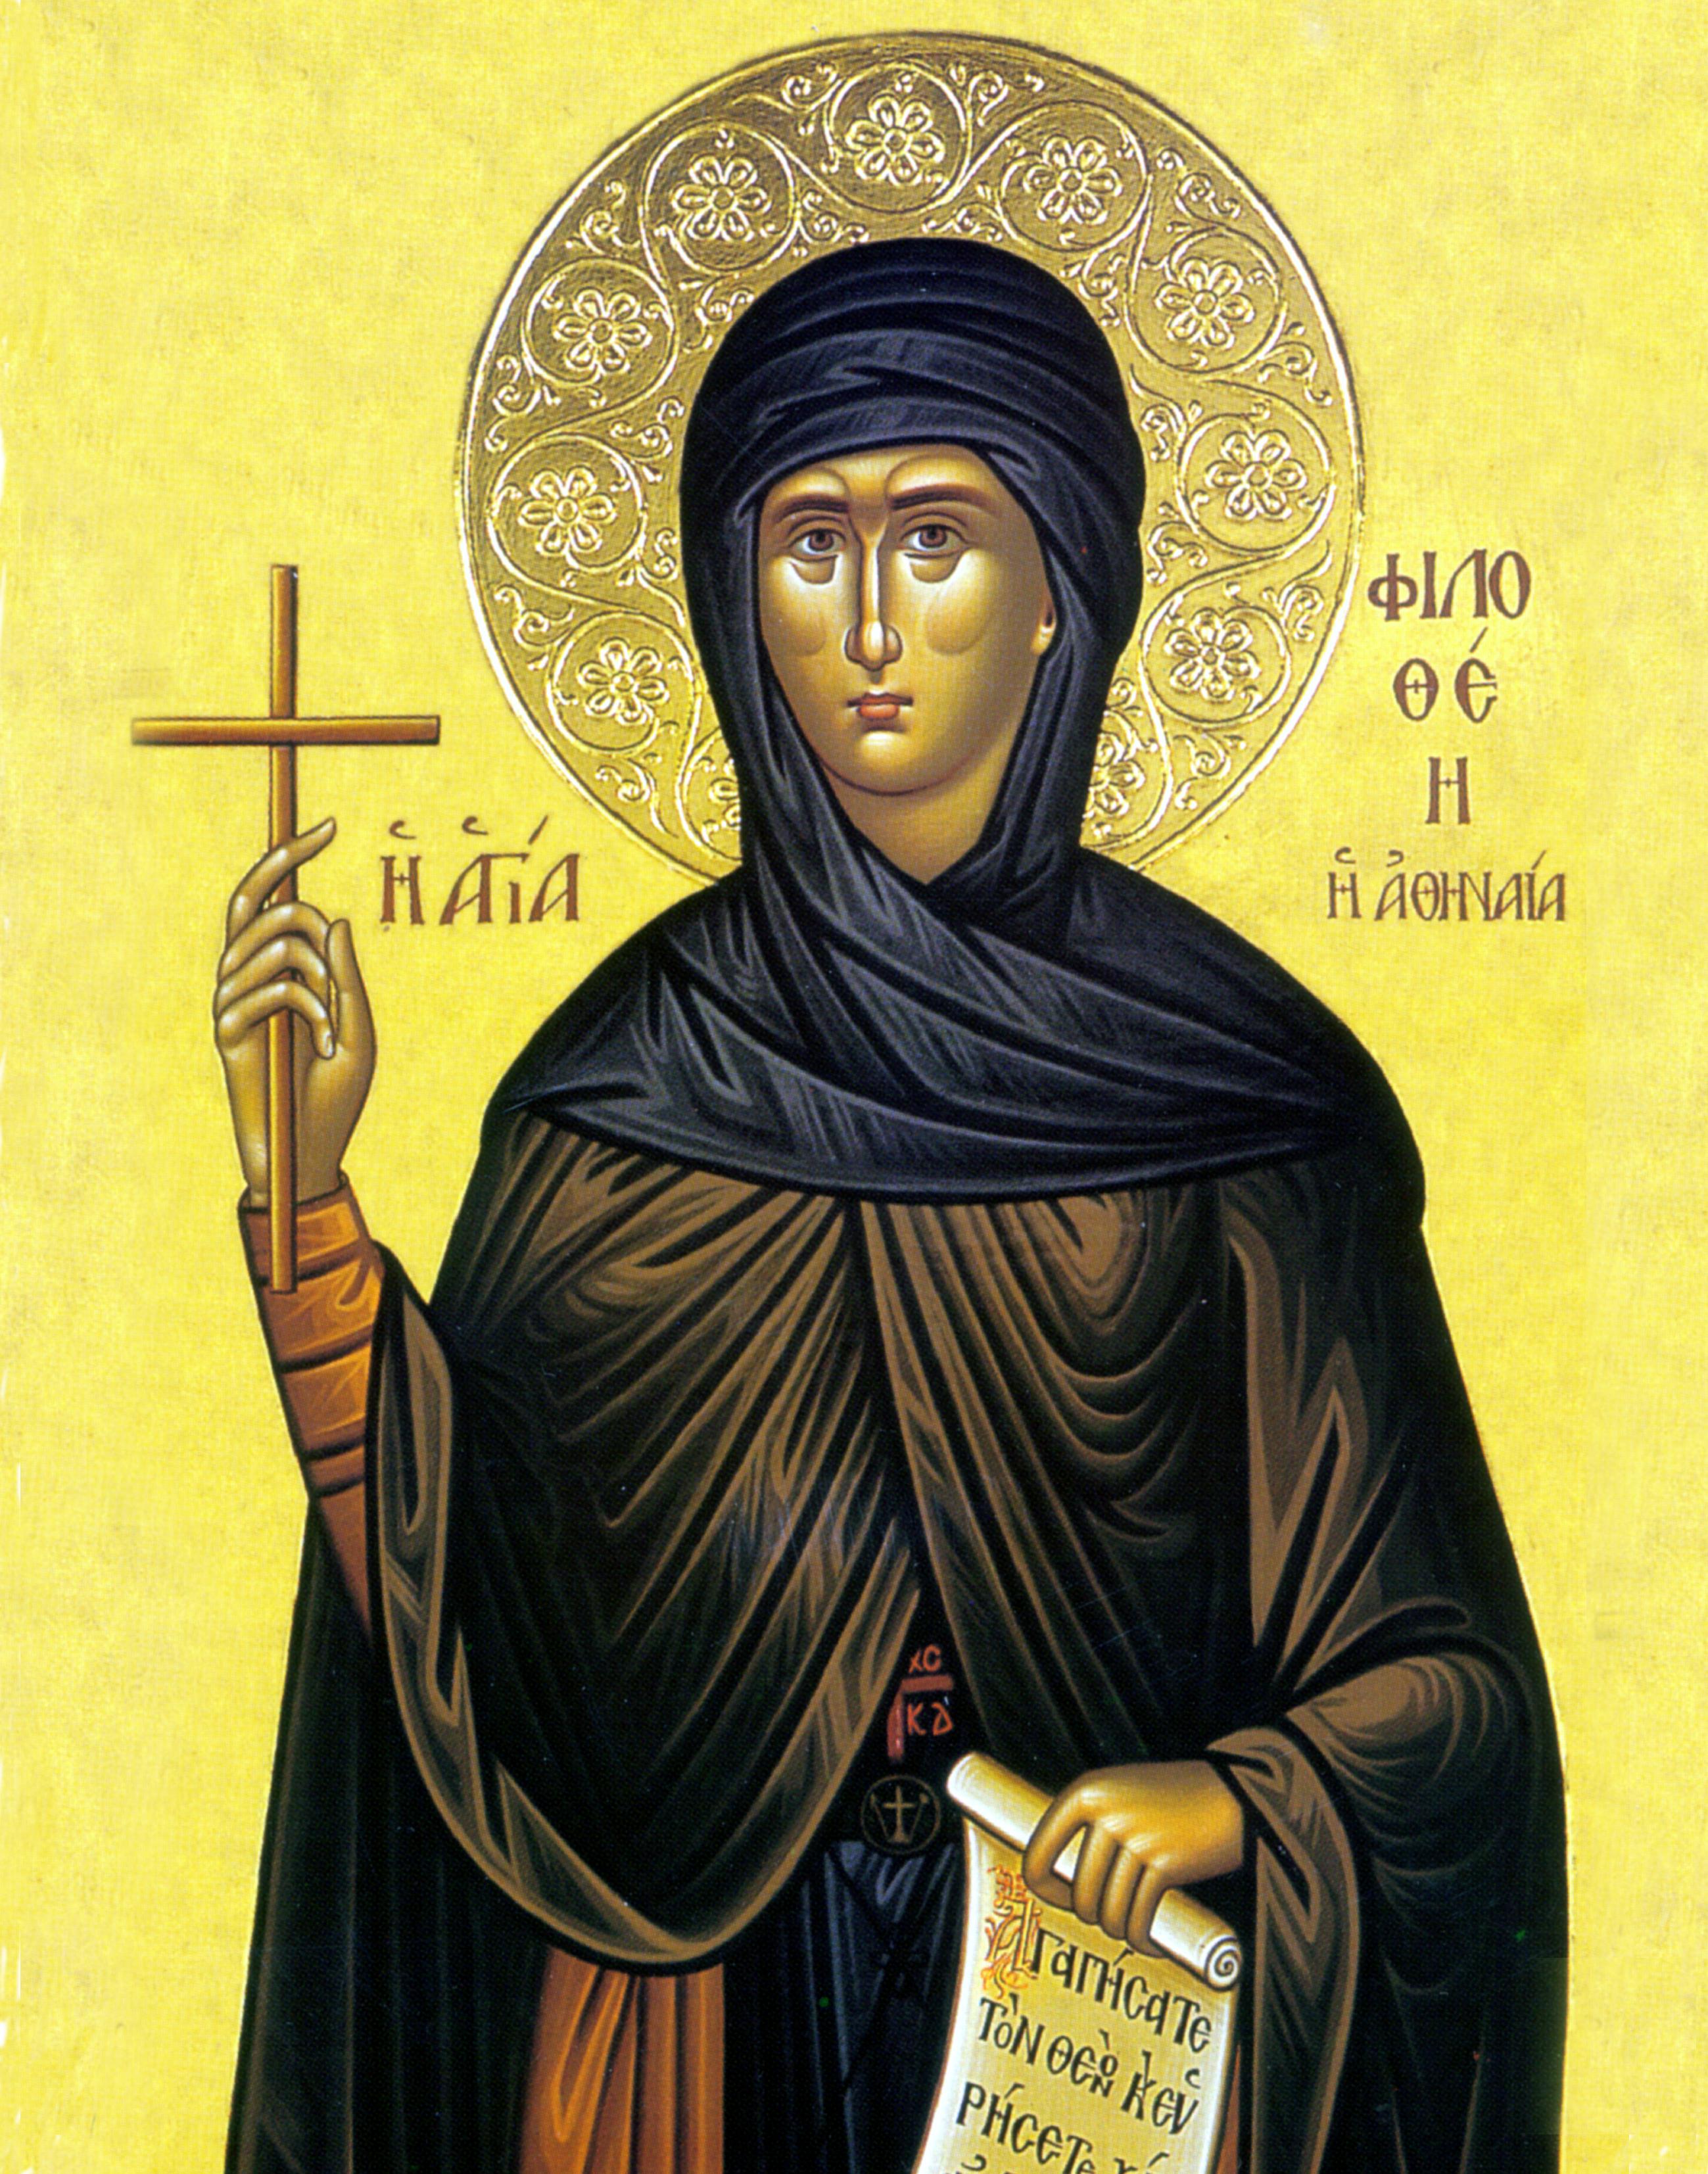 Αγ.Φιλοθεη -Μπουστο καλό 22×28   Ιερά Μονή Αγίου Ιωάννου Προδρόμου Καρέα